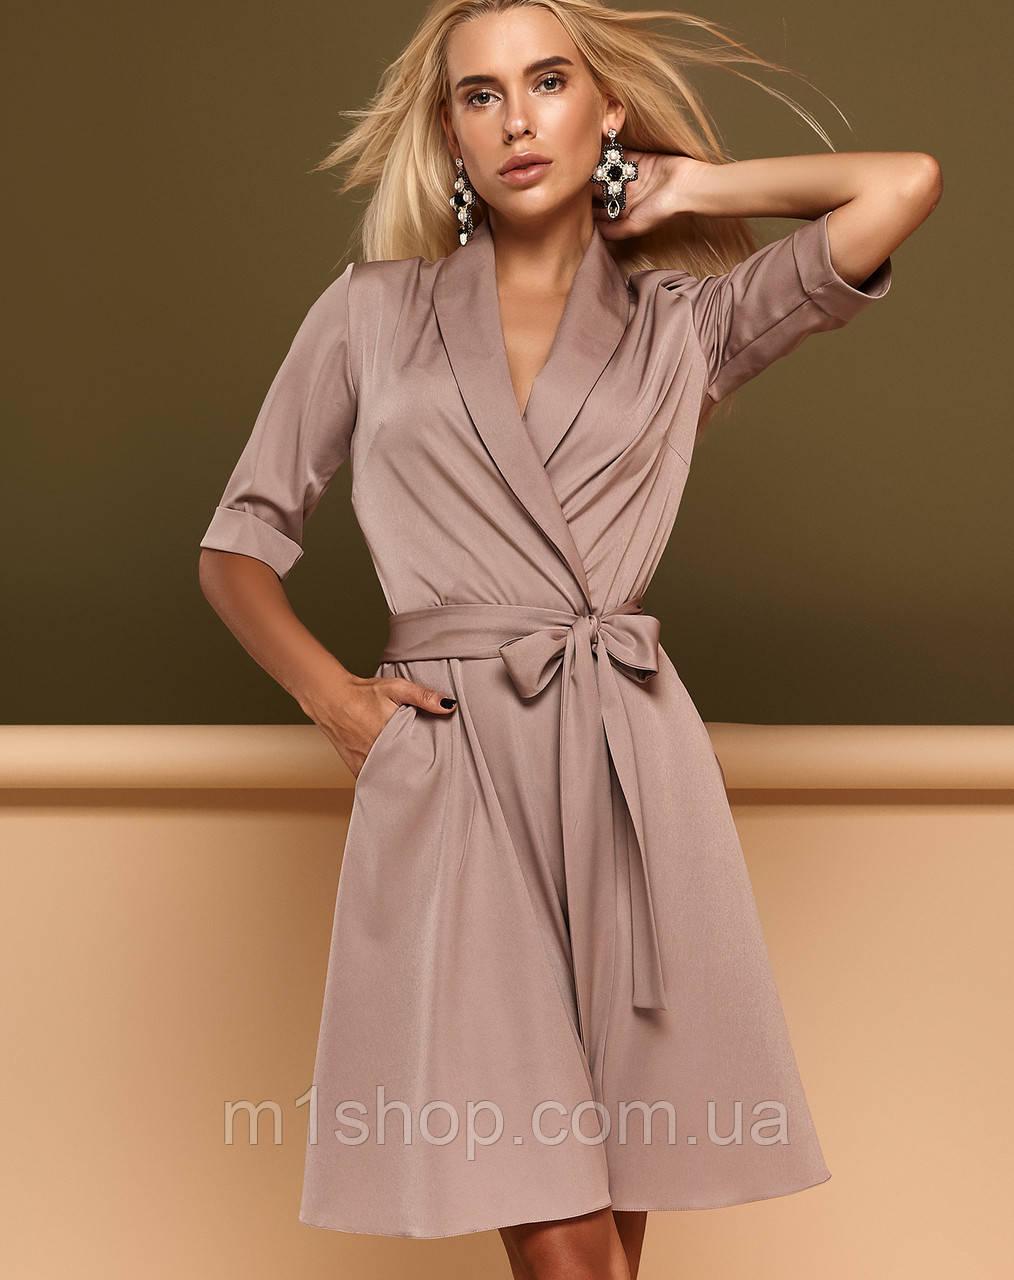 Женское платье назапах с рукавом до локтя (Джоаннаjd)